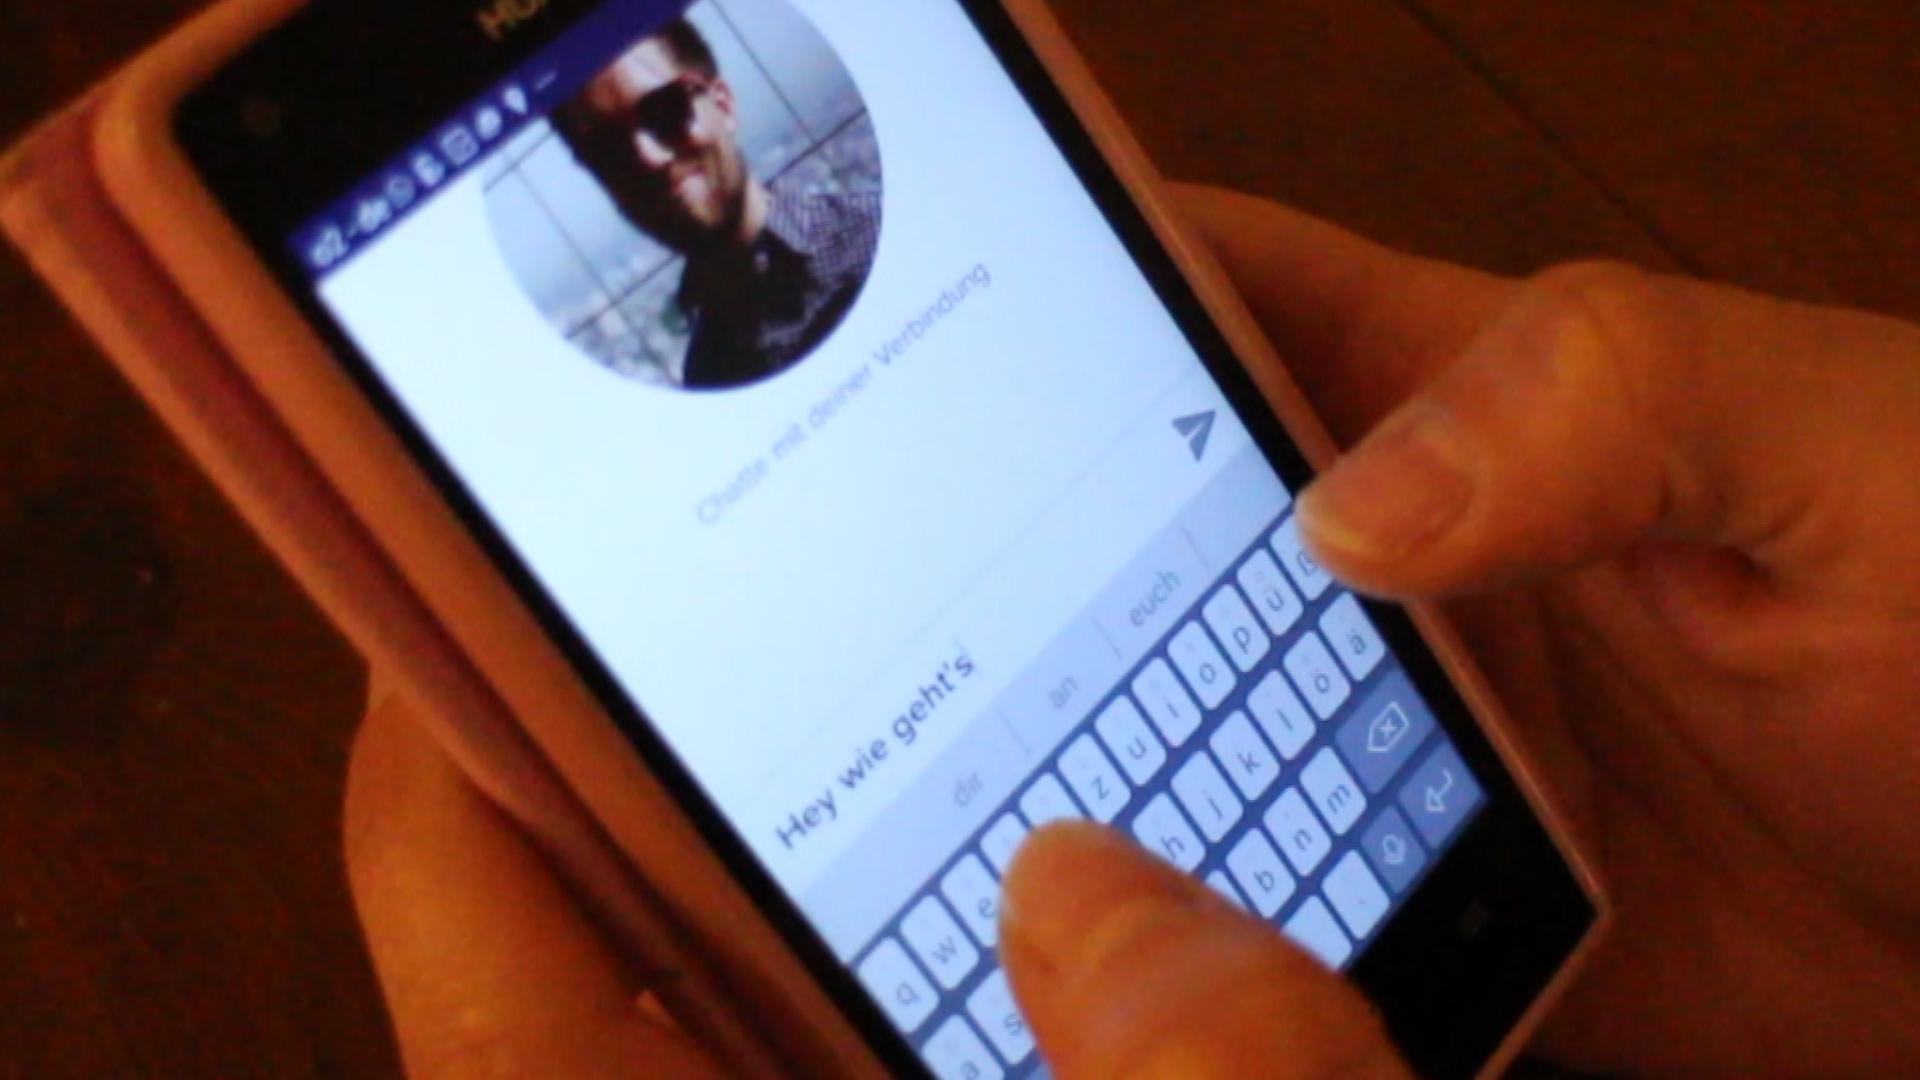 Wisch und Weg - Liebe im digitalen Zeitalter, 2016 (VIDEO)